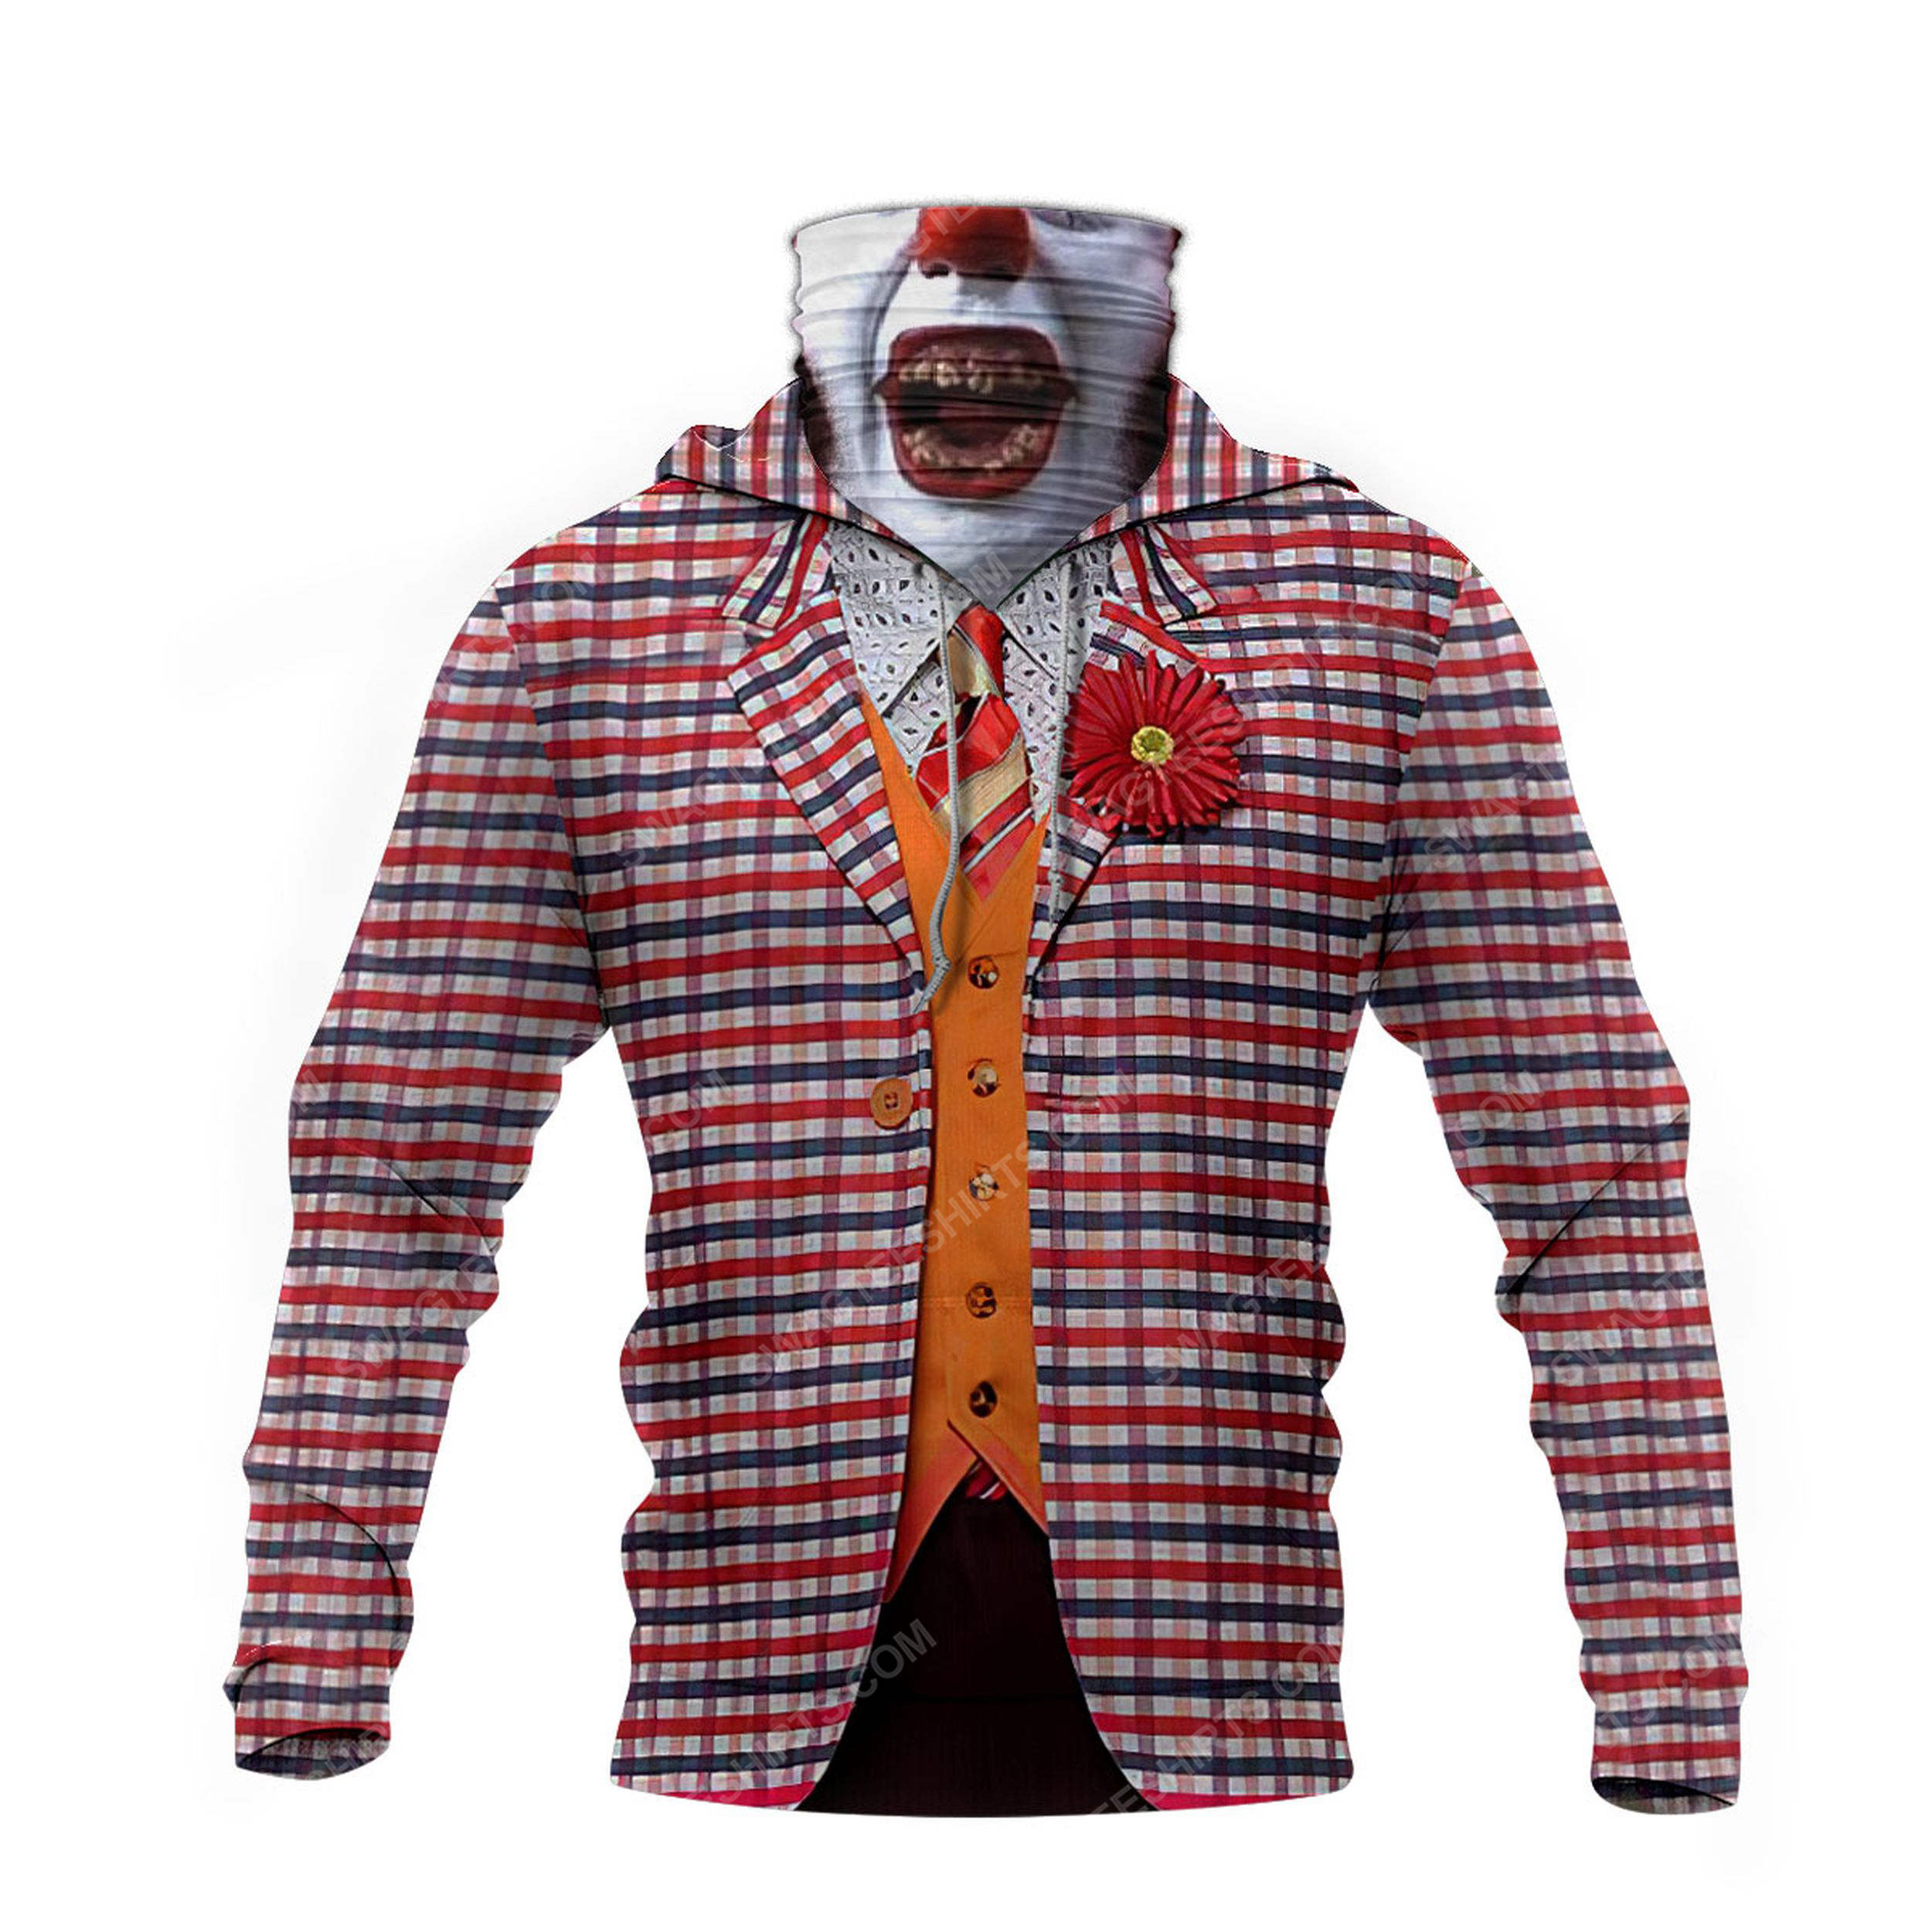 The movie joker for halloween full print mask hoodie 4(1)